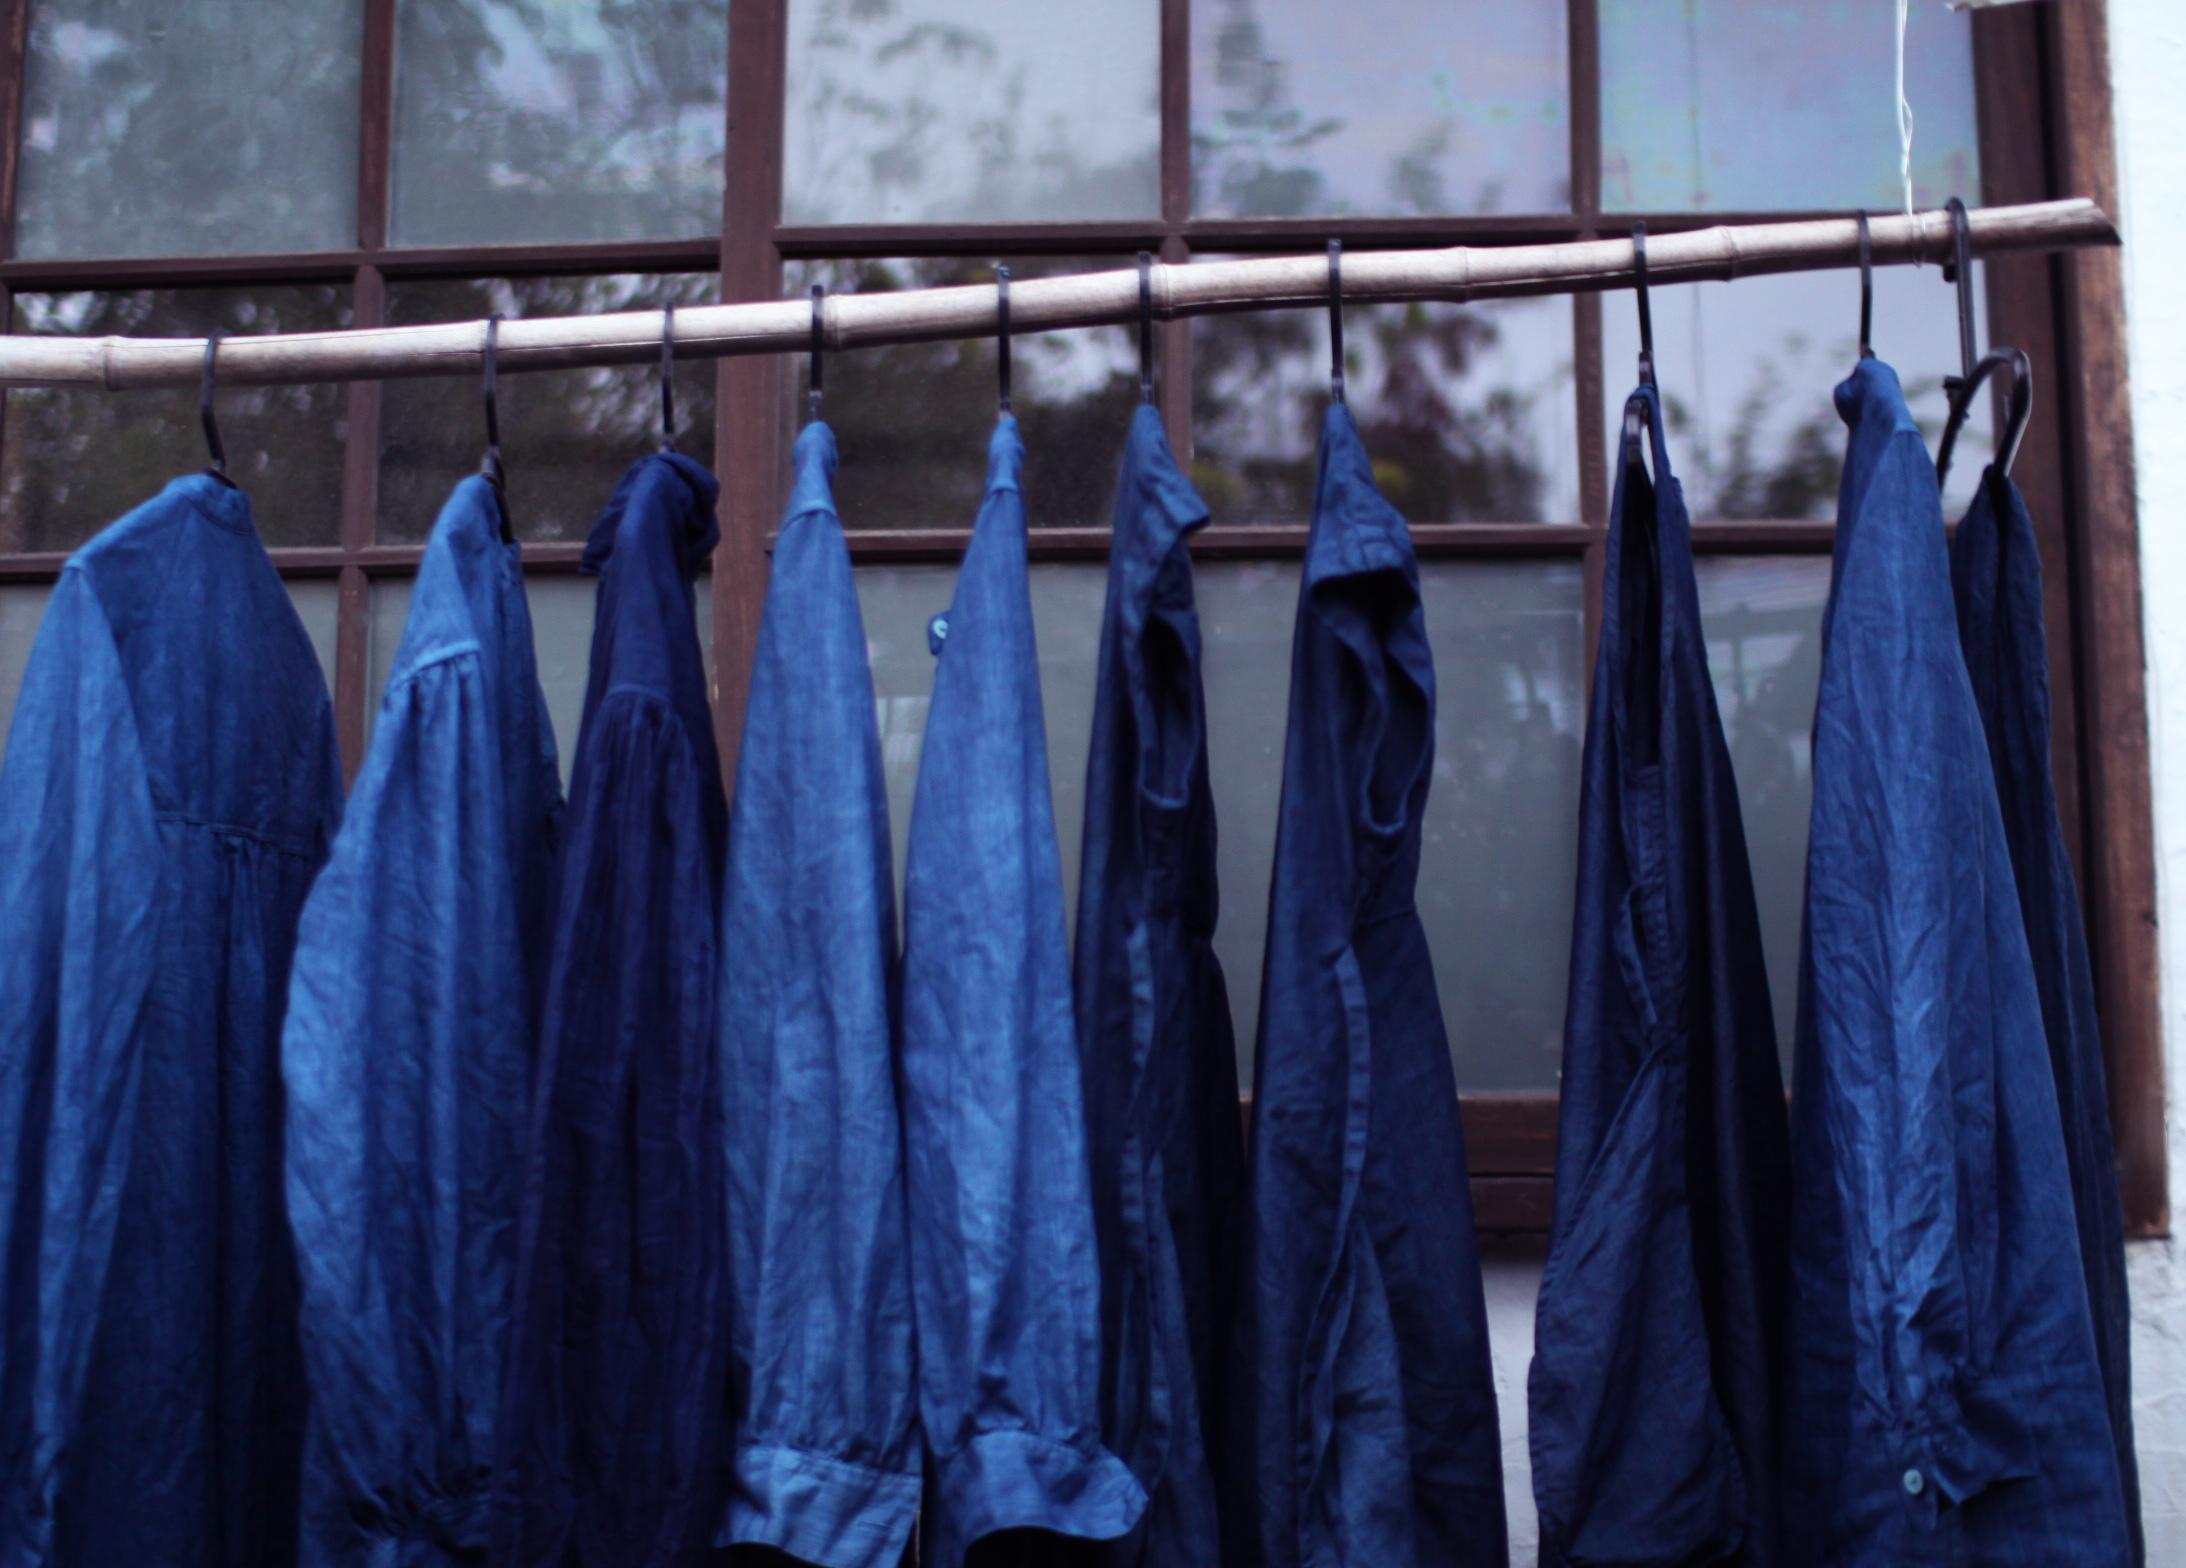 琉球藍 本藍 藍染め リネン ワンピースとチュニック乾燥